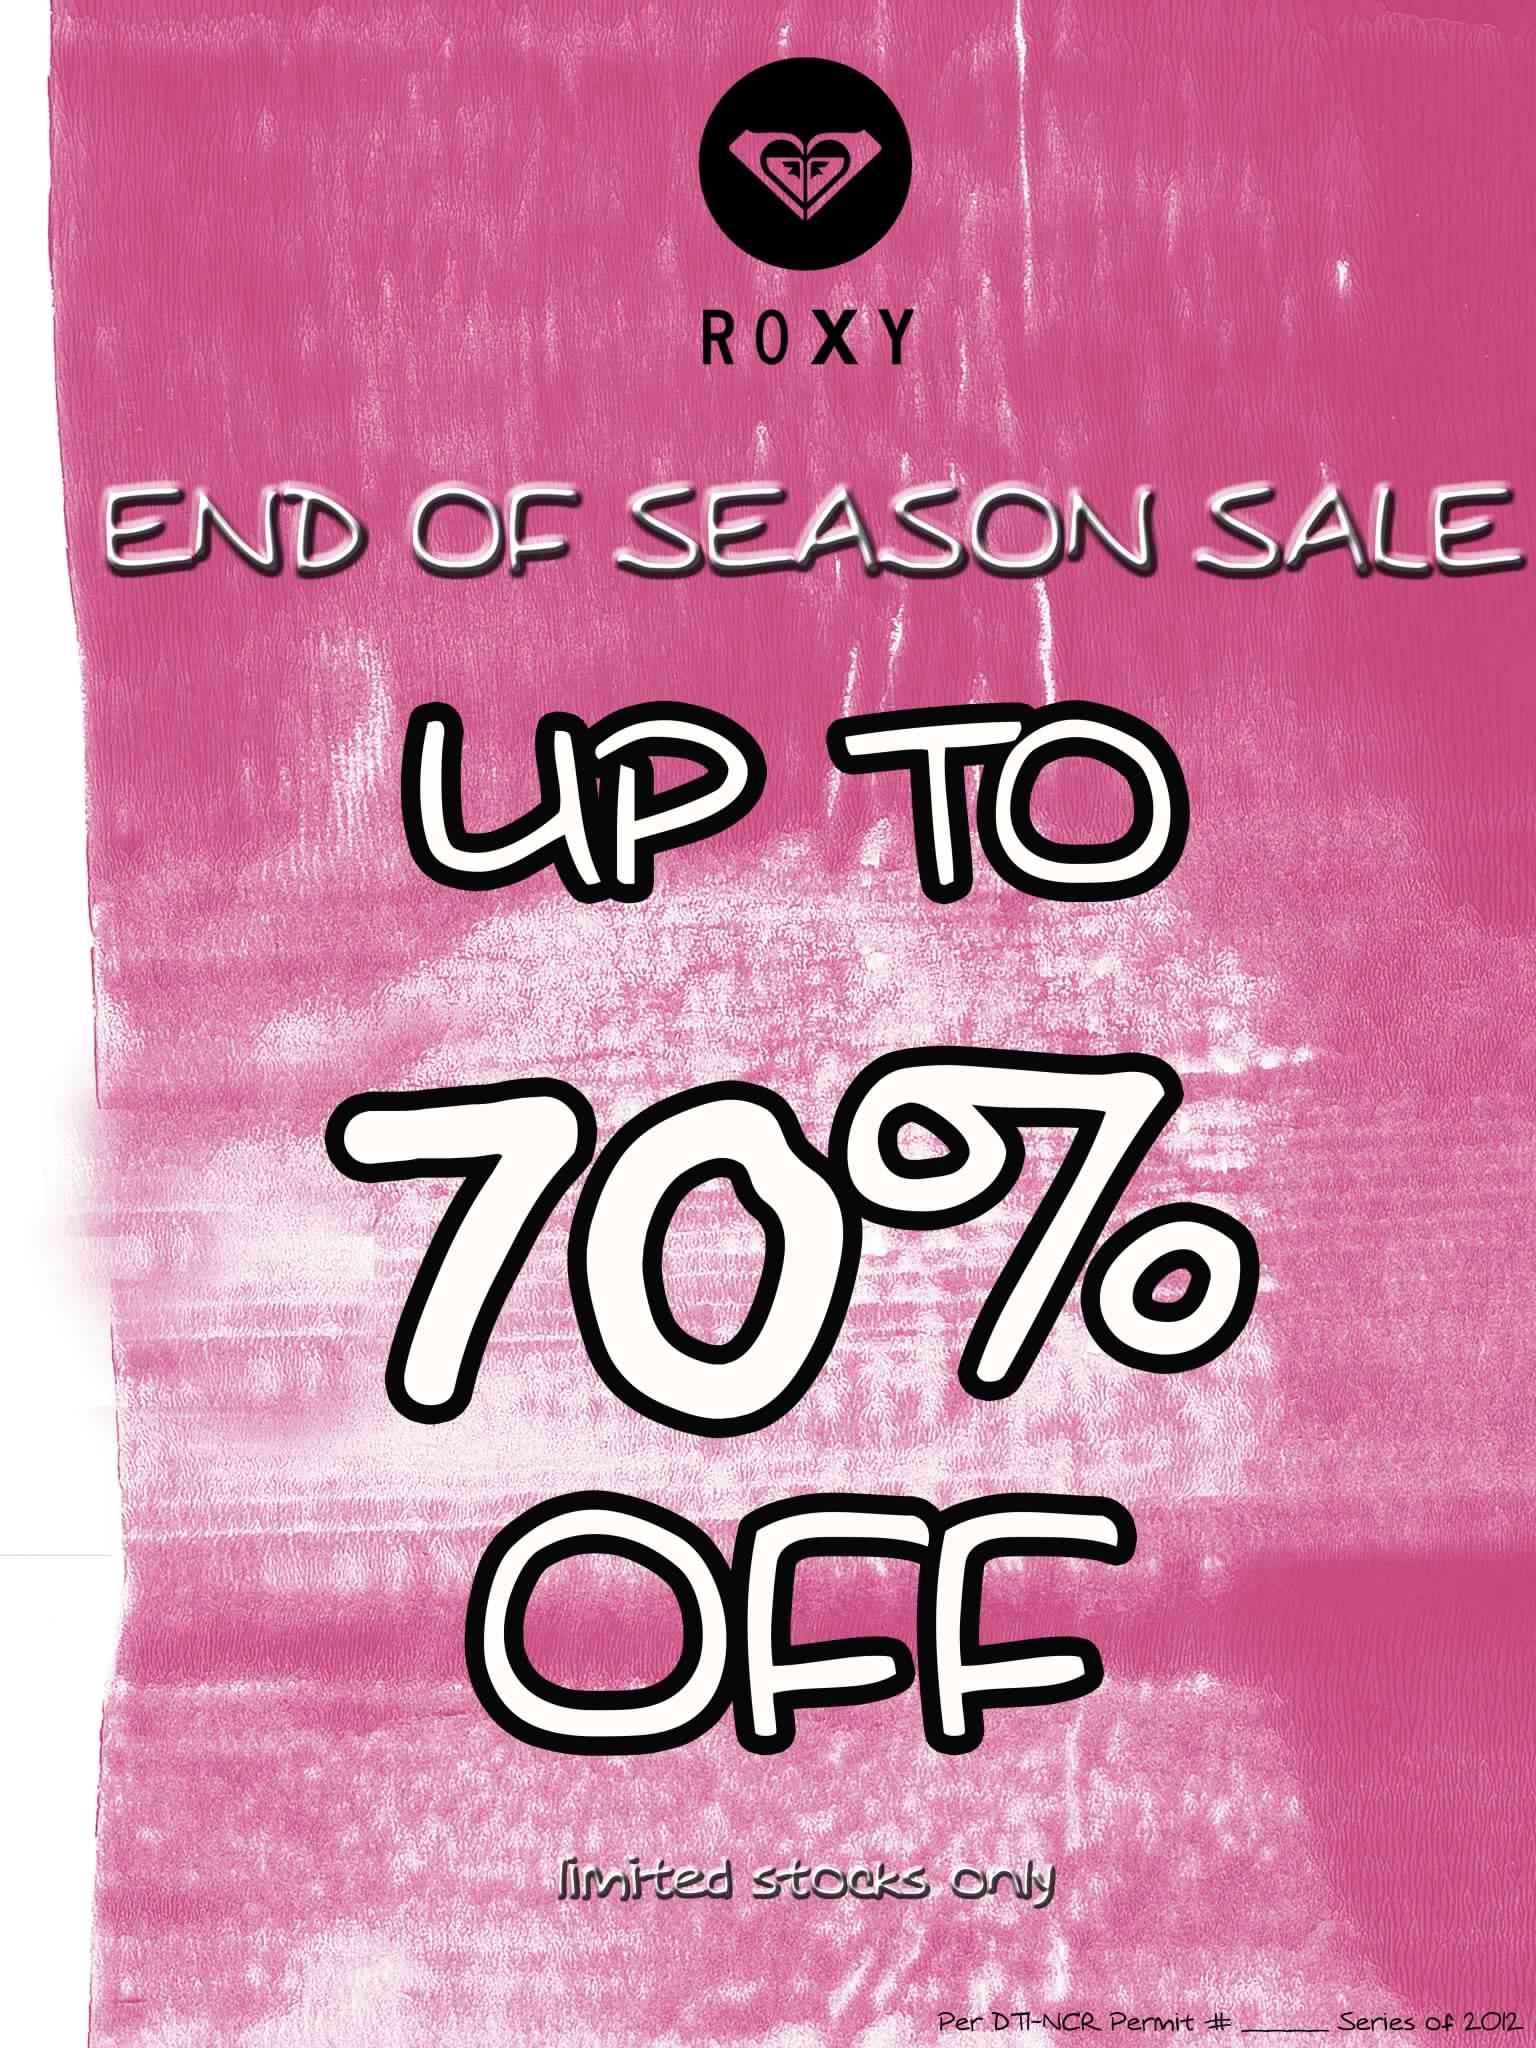 Roxy End of Season Sale August 2012